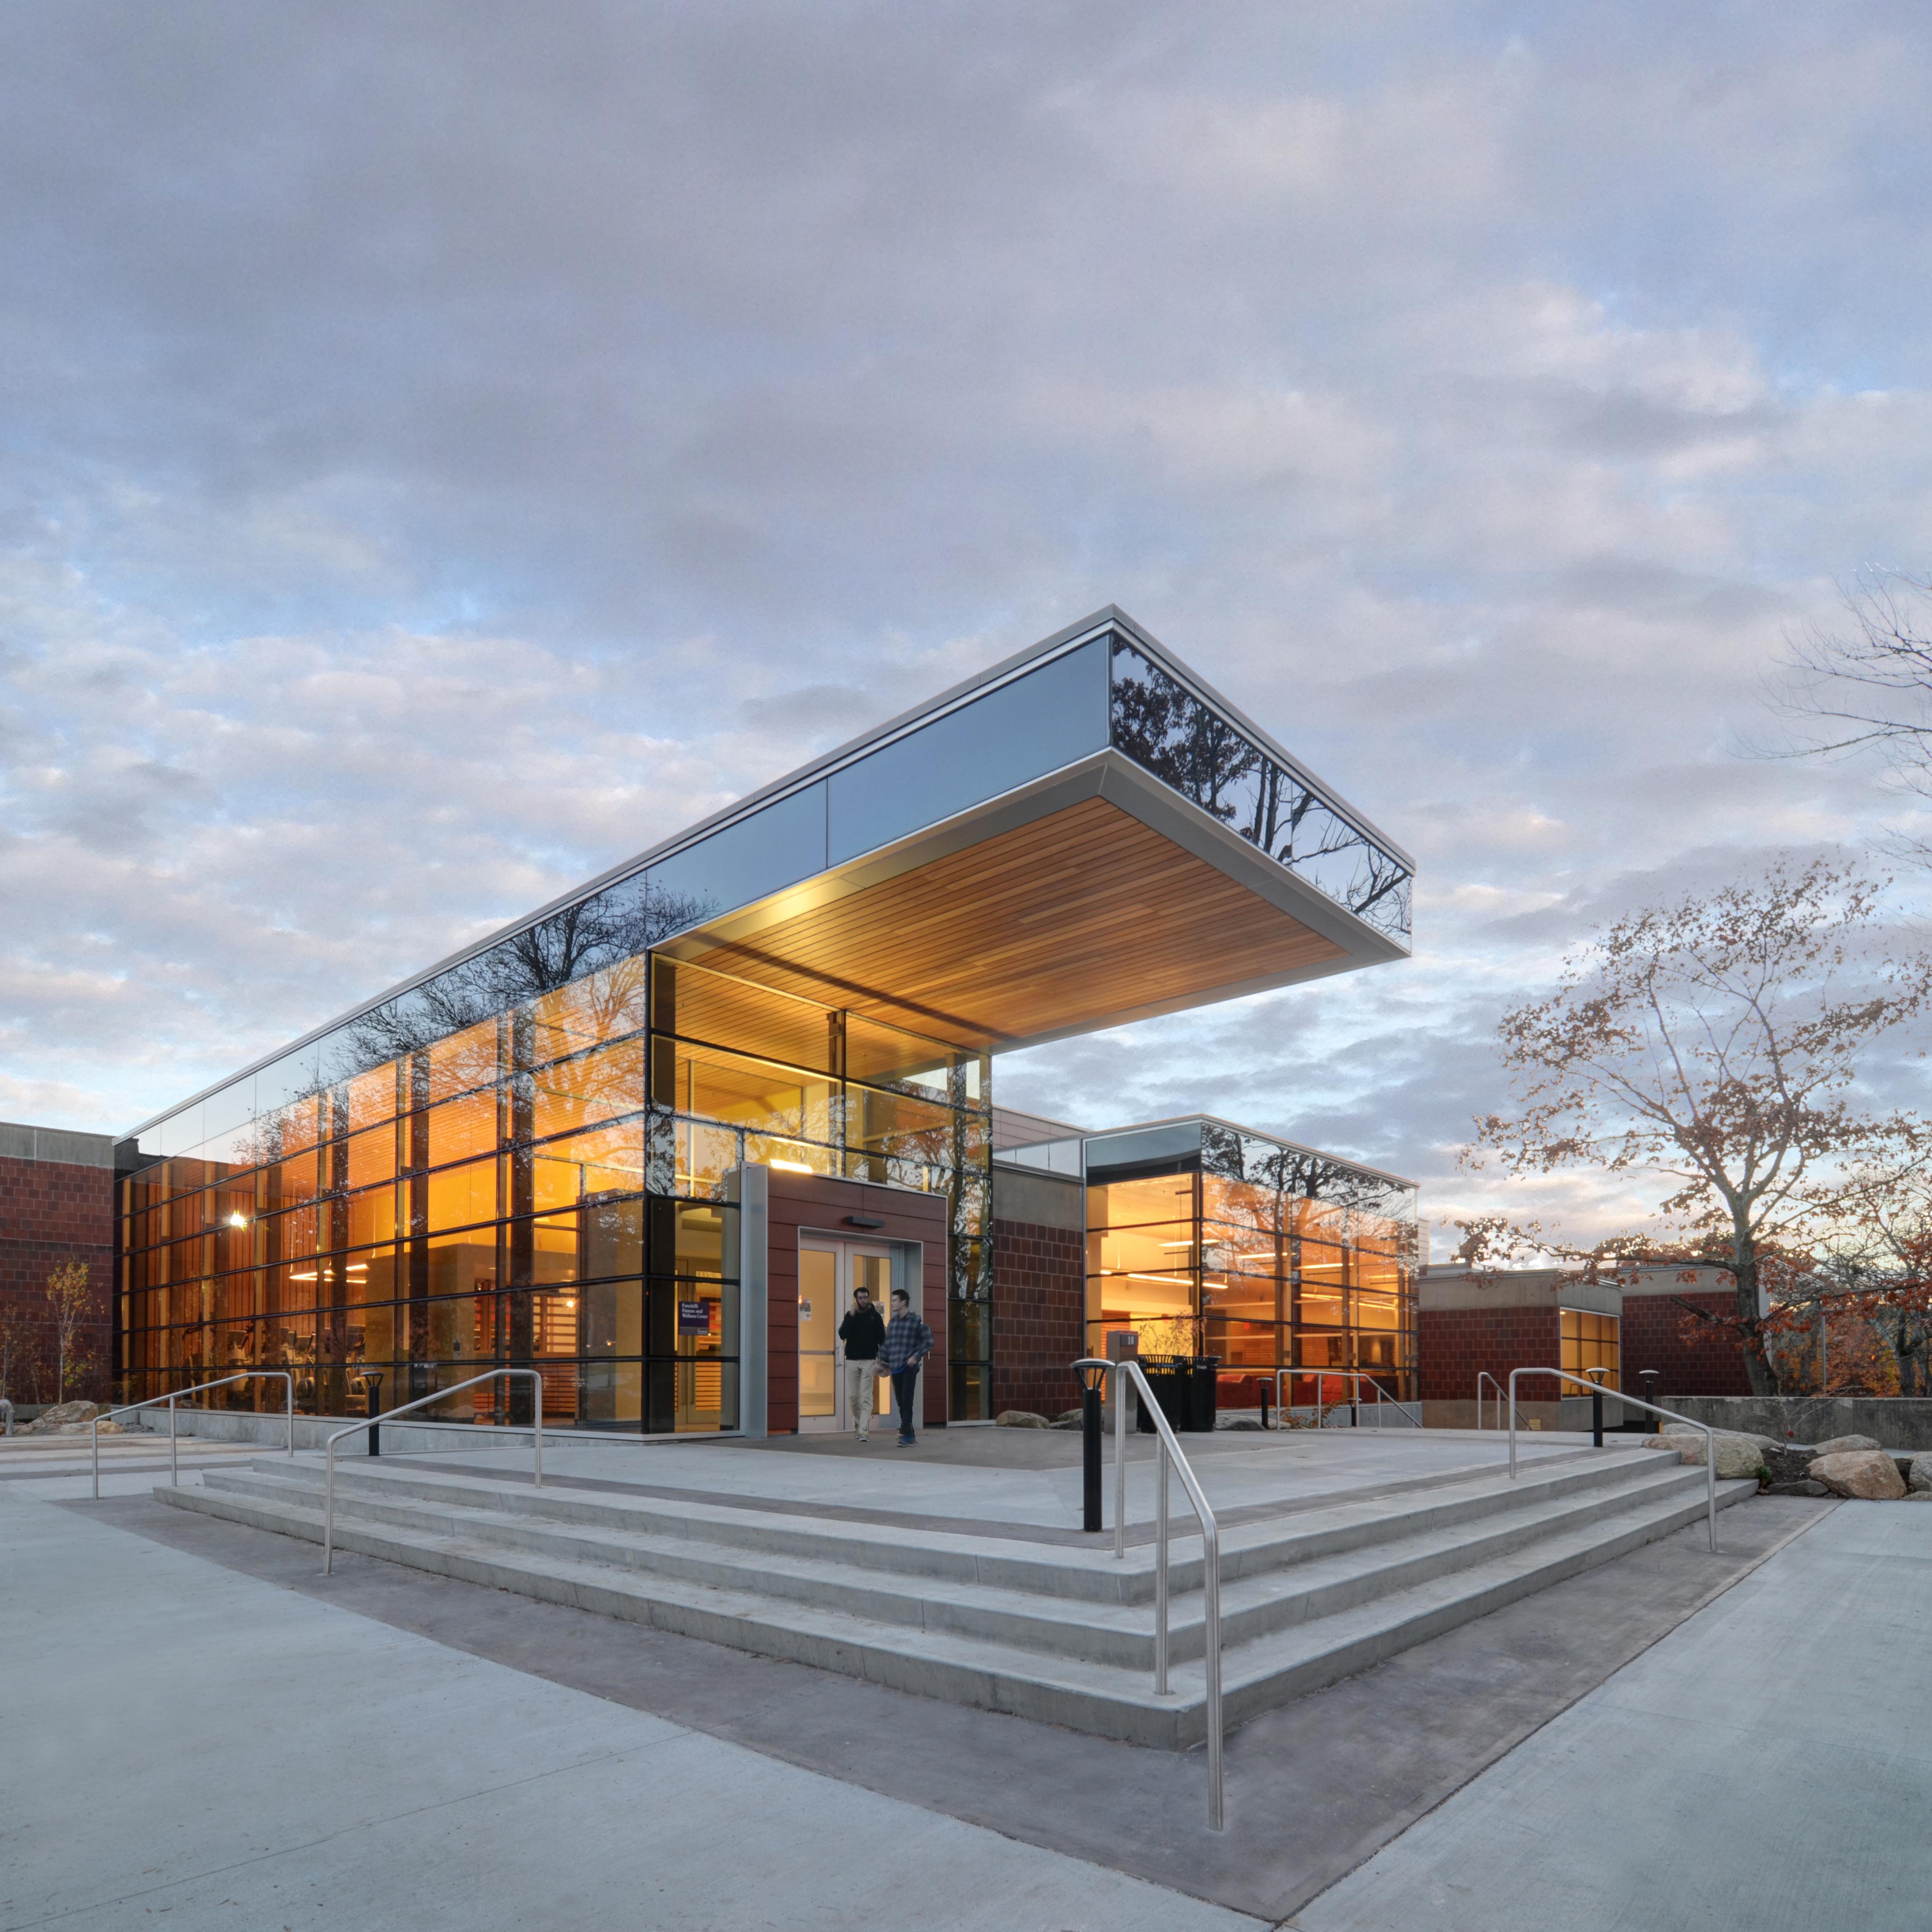 Kite-0819-URI Wellness Center-Exterior-East Entrance